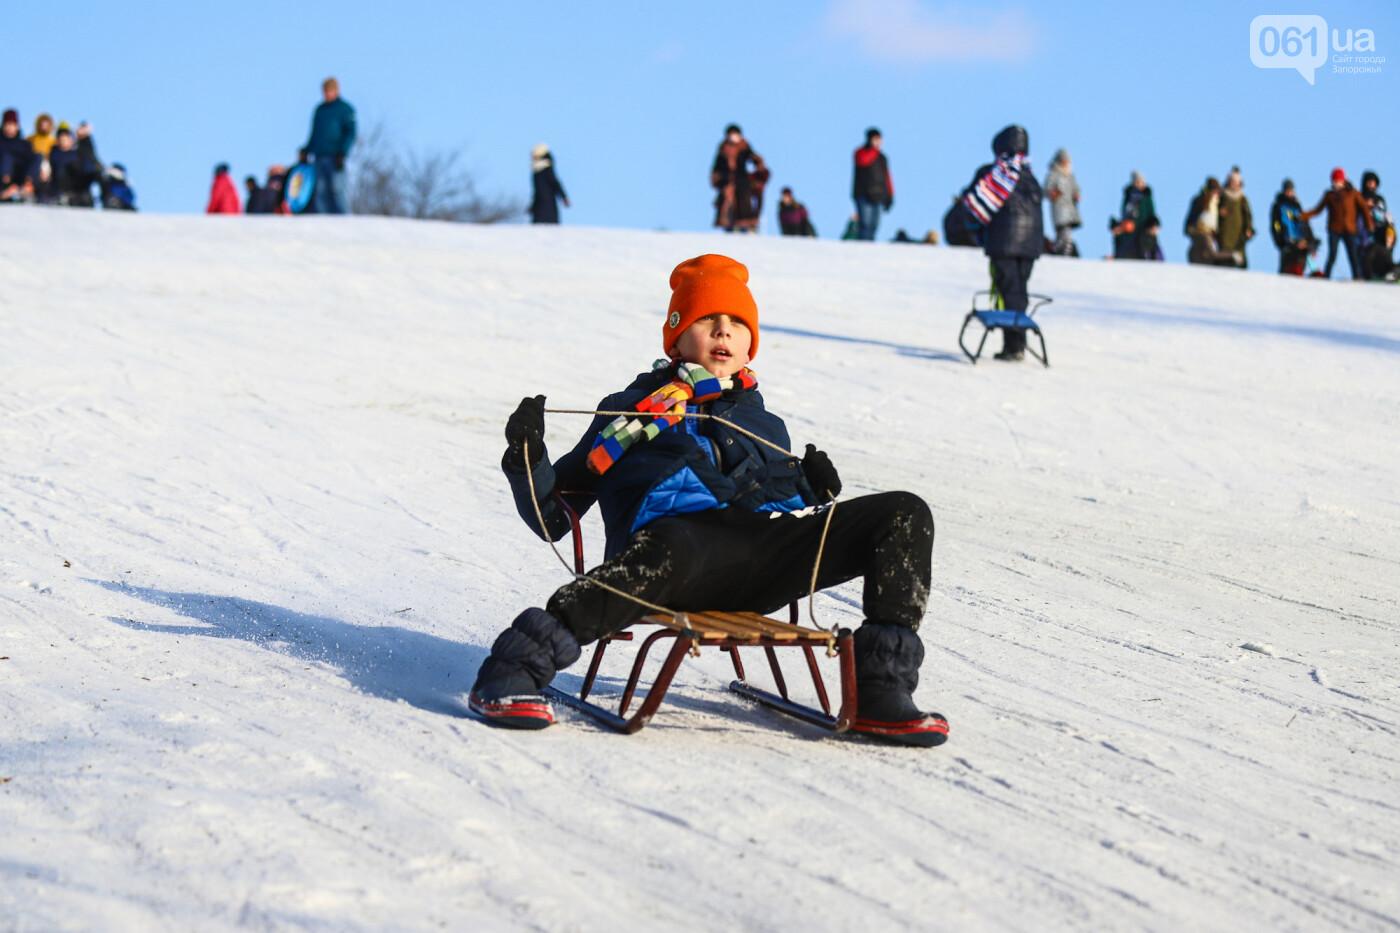 На санках, лыжах и сноуборде: запорожцы устроили массовое катание с горок в Вознесеновском парке, - ФОТОРЕПОРТАЖ, фото-96